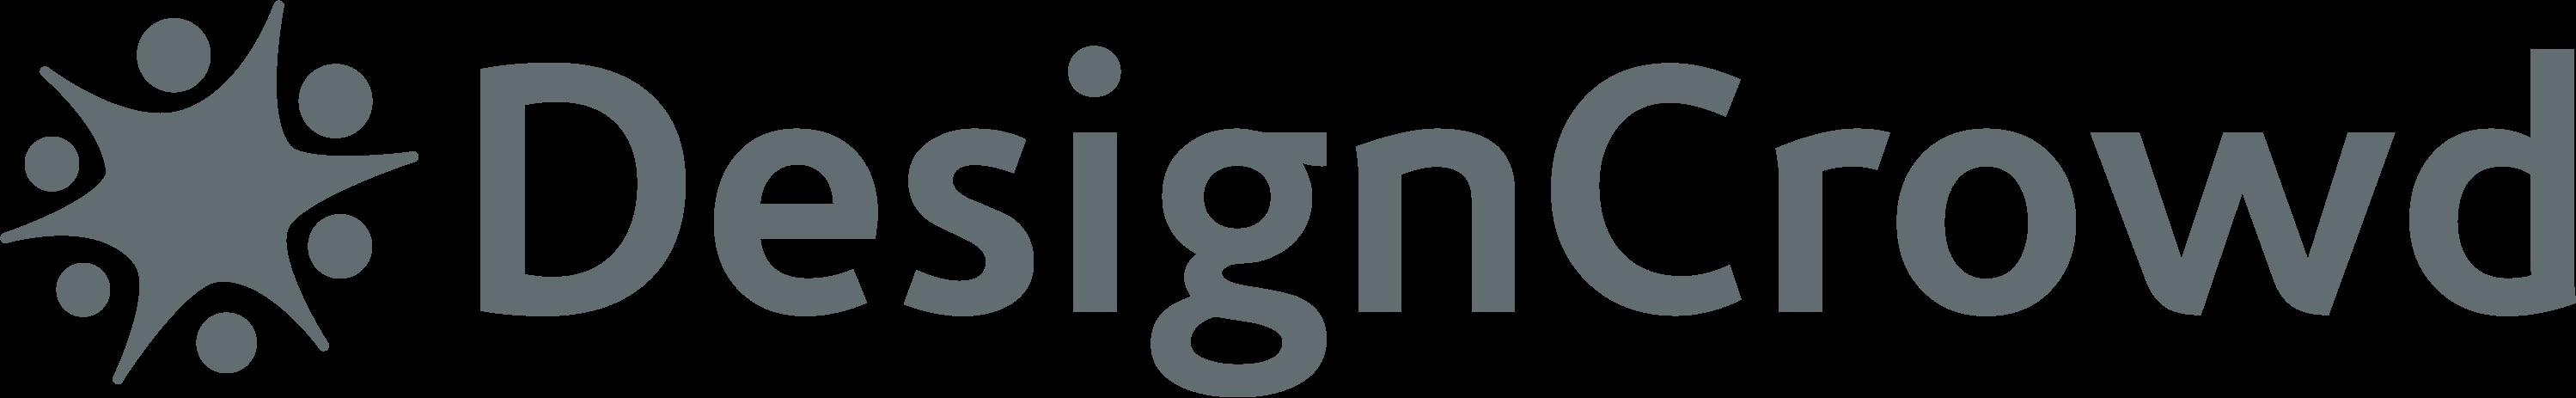 DesignCrowd Logo png